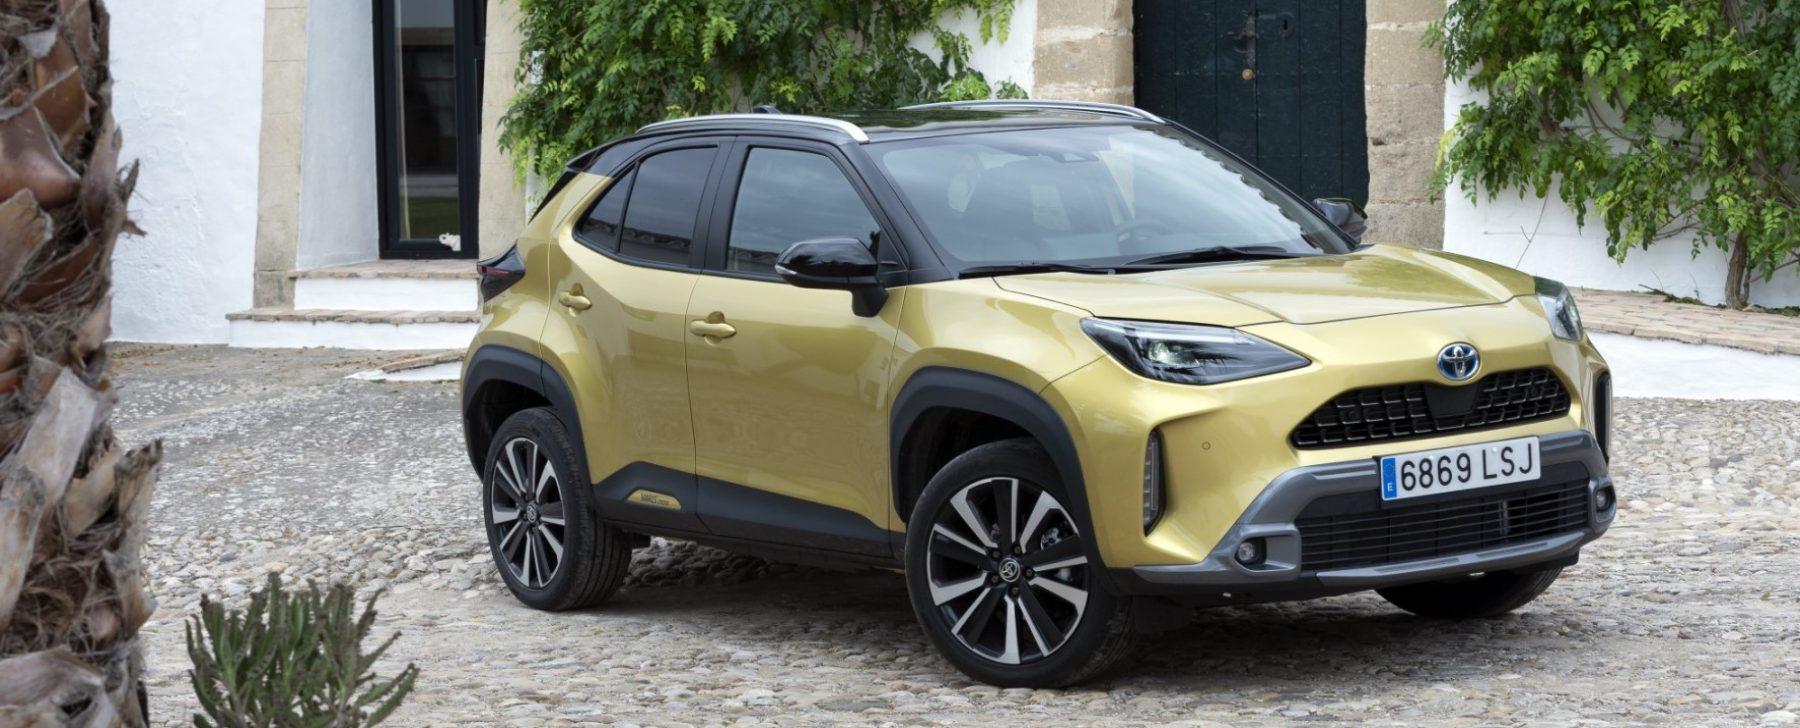 Toyota Yaris Cross, el SUV compacto que faltaba